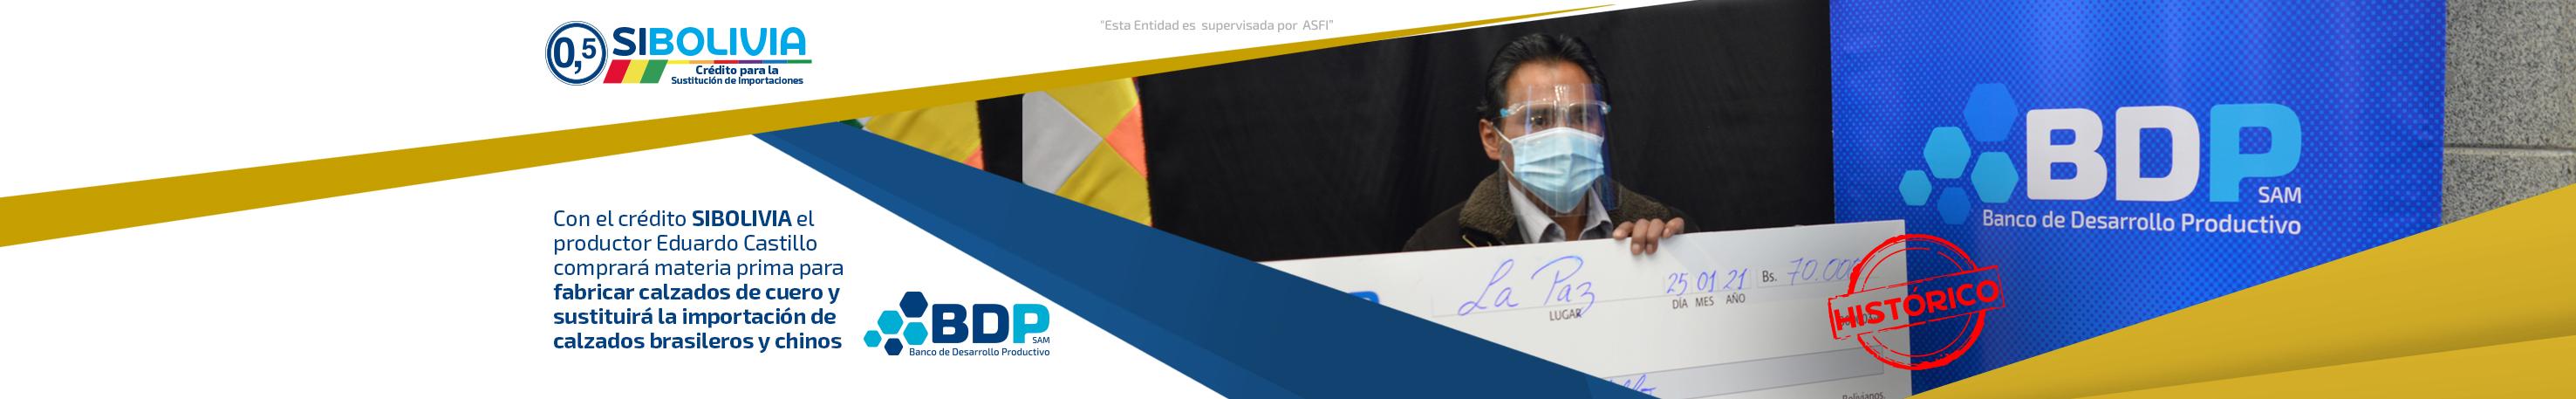 Banner beneficiario SIBOLIVIA